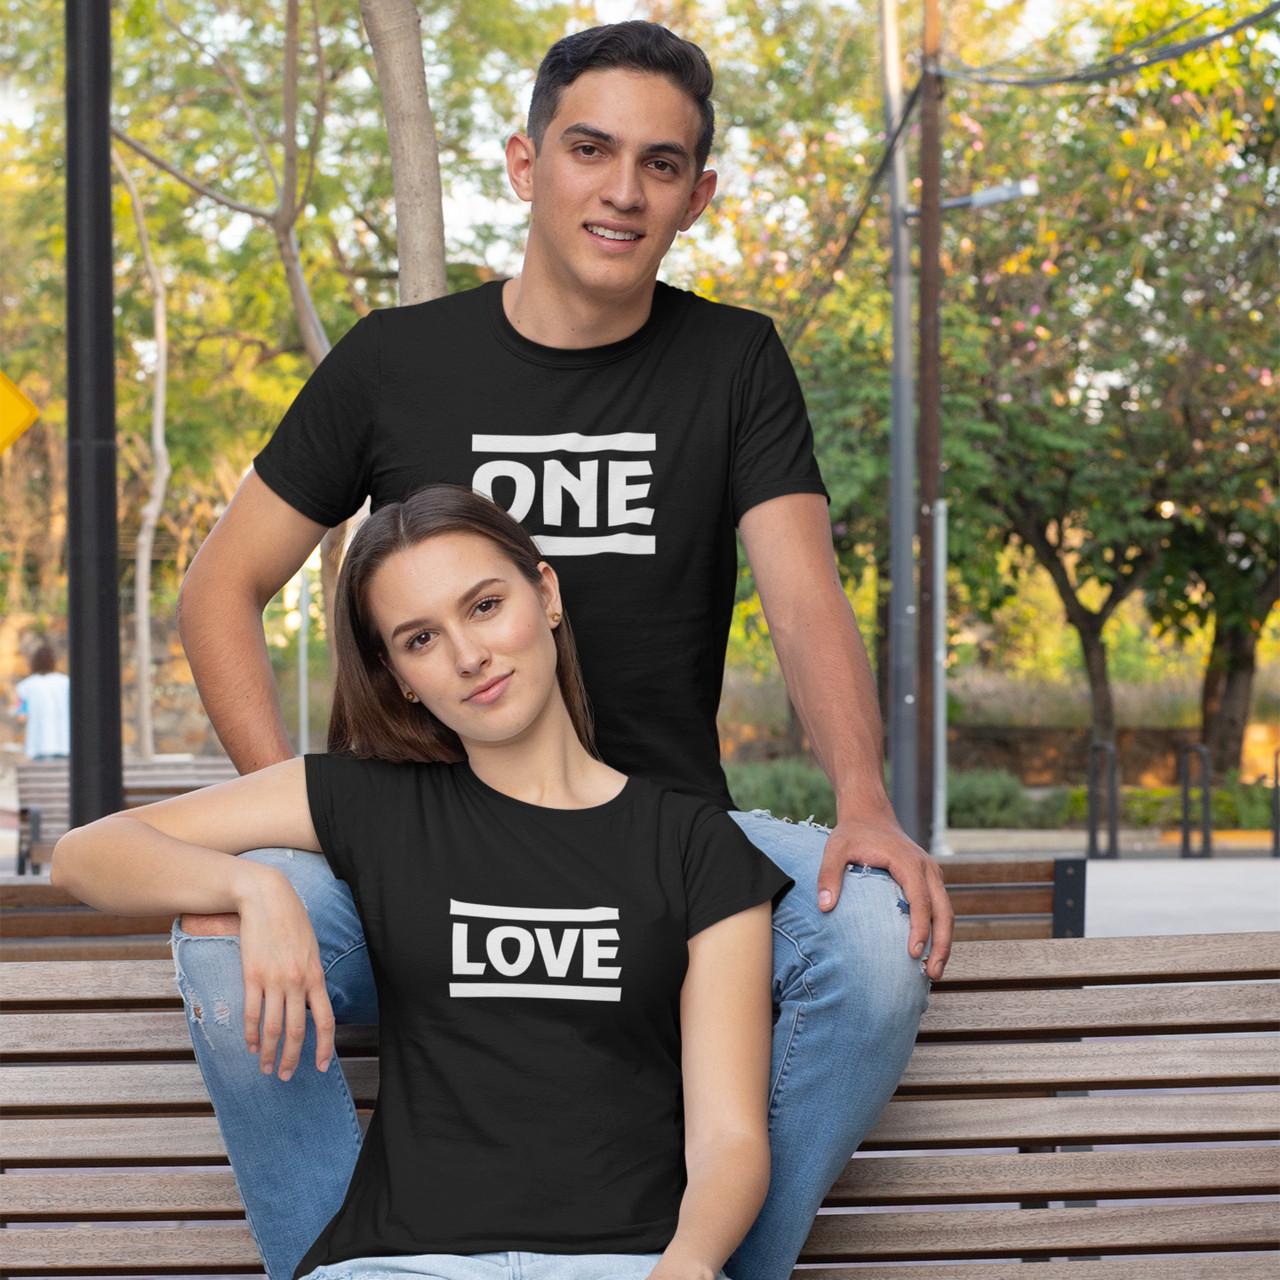 """Парні футболки для закоханих  """"ONE / LOVE"""""""